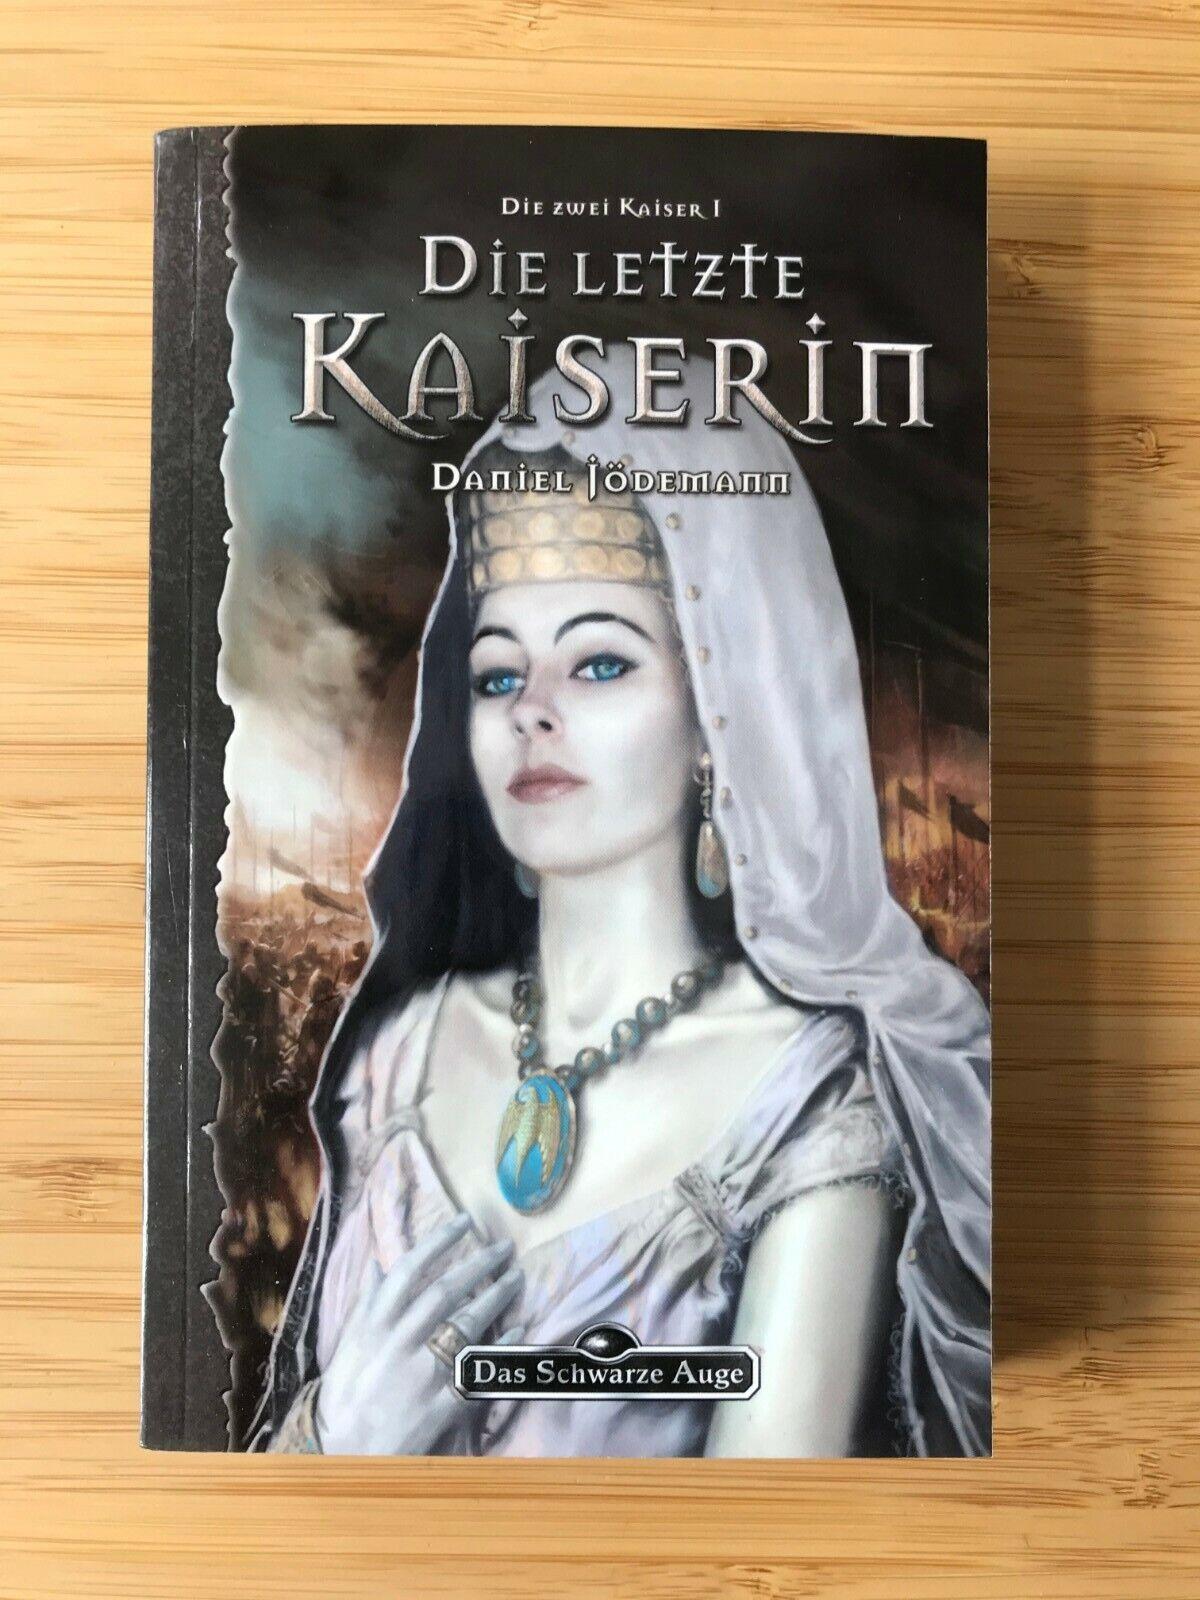 Das Schwarze Auge – Die letzte Kaiserin– Die zwei Kaiser Teil 1 – DSA Roman 105